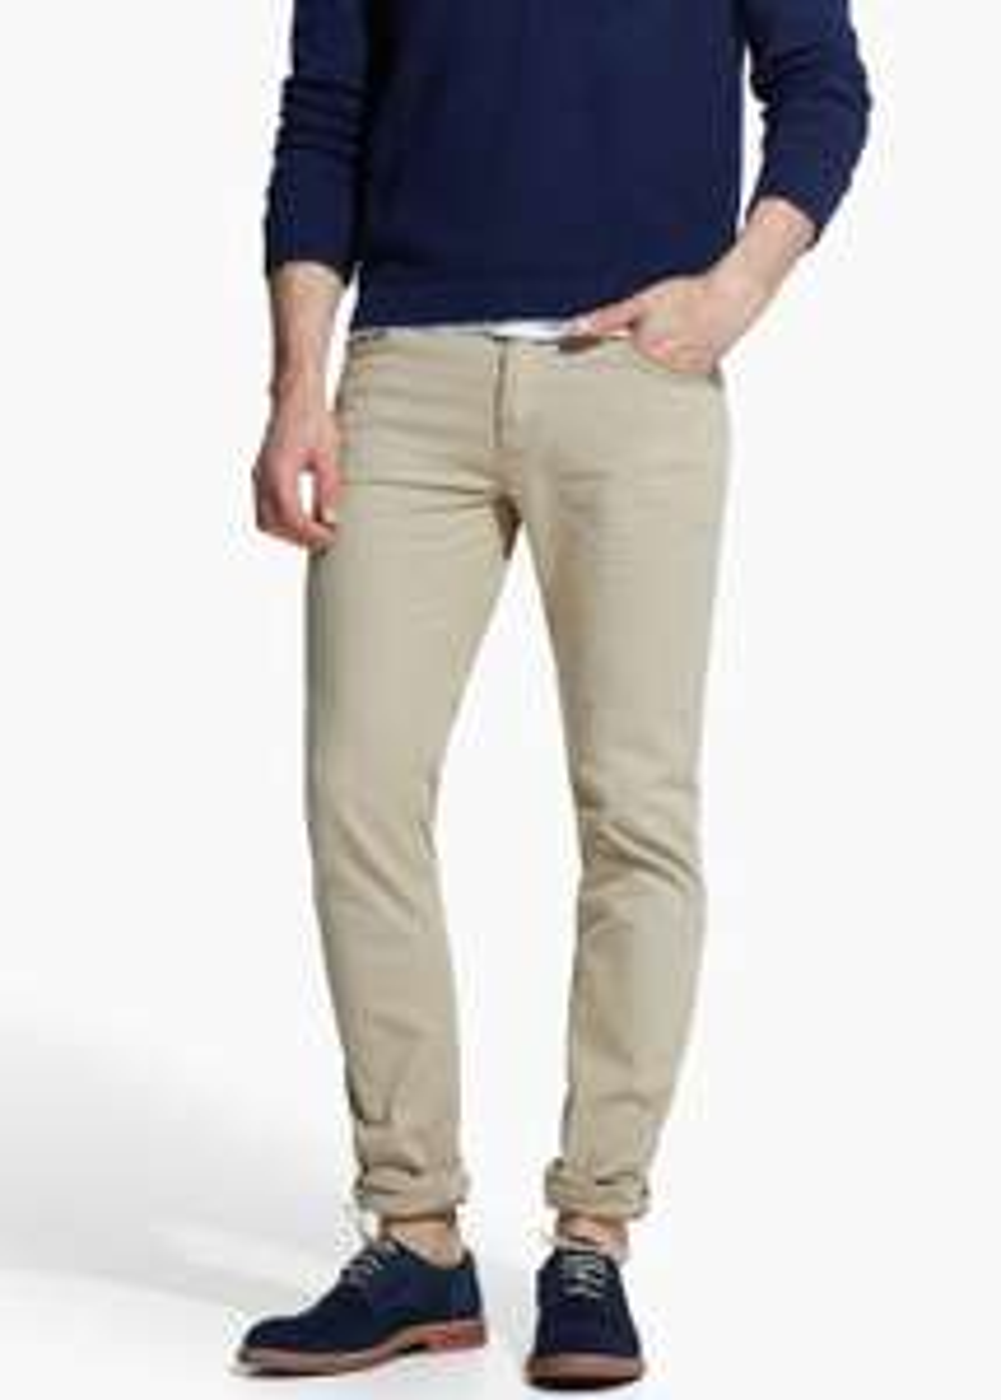 Bawełniane spodnie slim-fit (5 kieszeni, różne kolory) za 35,90zł @ Mango Outlet